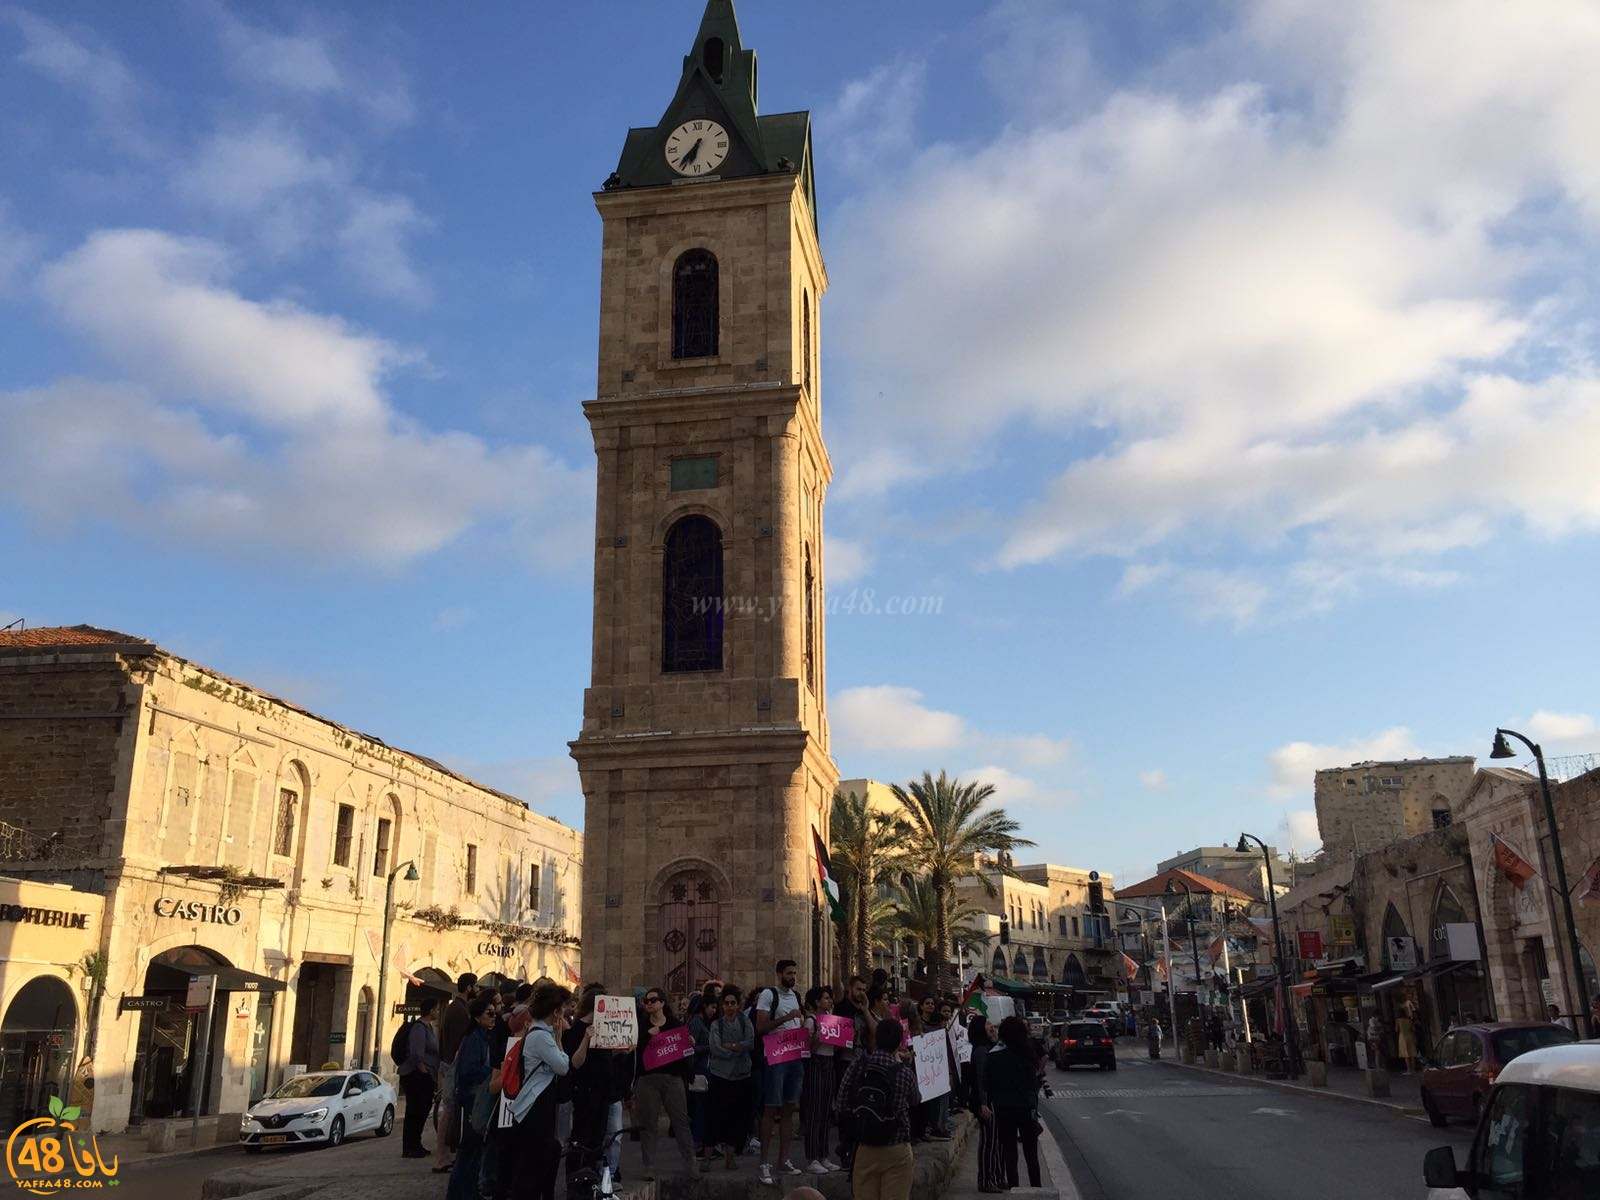 فيديو: لليوم الثاني على التوالي - تظاهرة في دوار الساعة بمدينة يافا تضامناً مع غزة